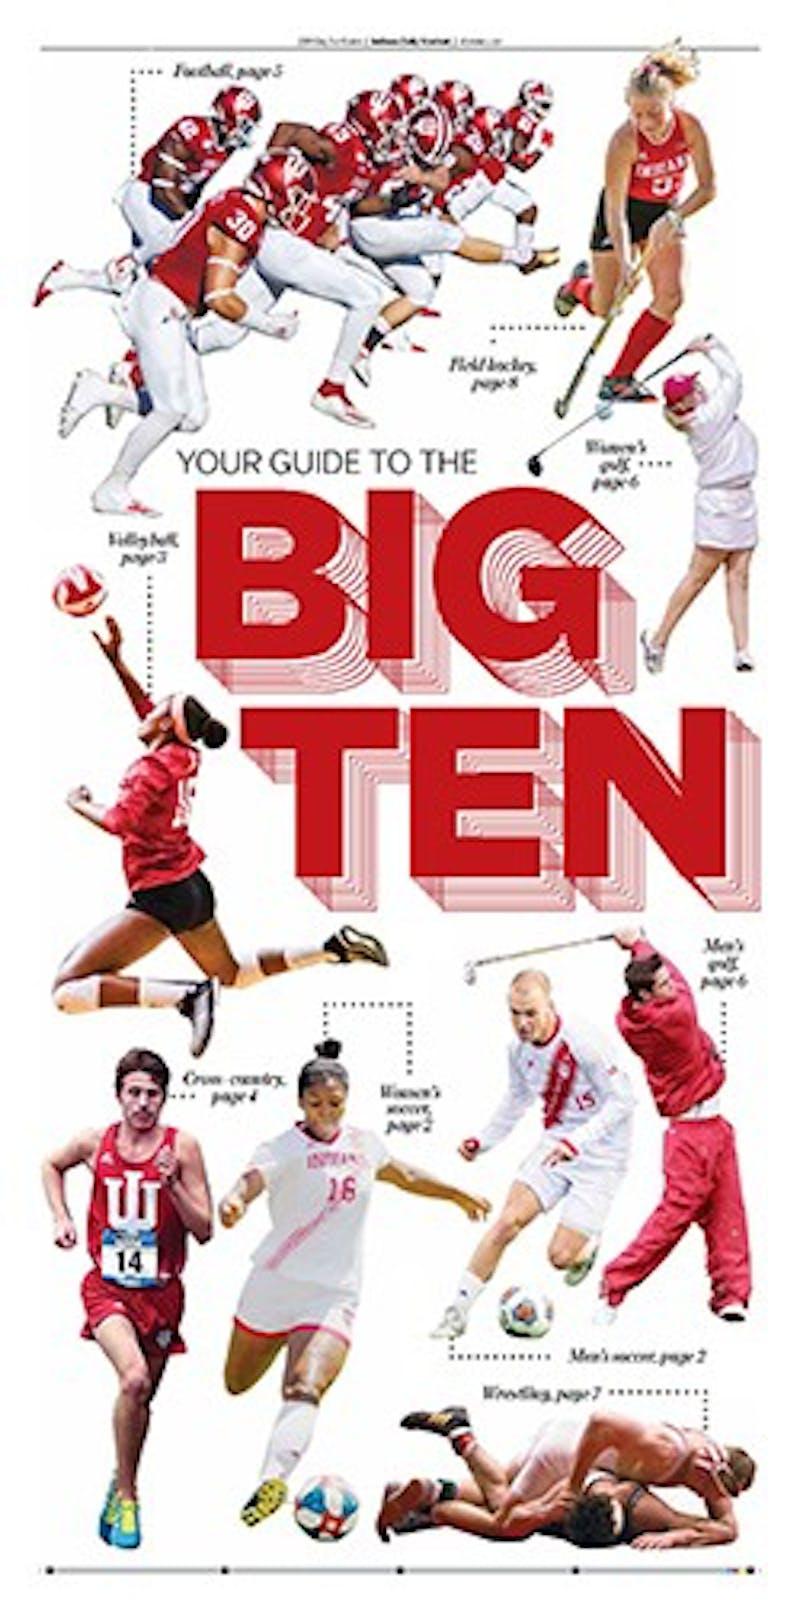 2019 Big Ten Sports Guide